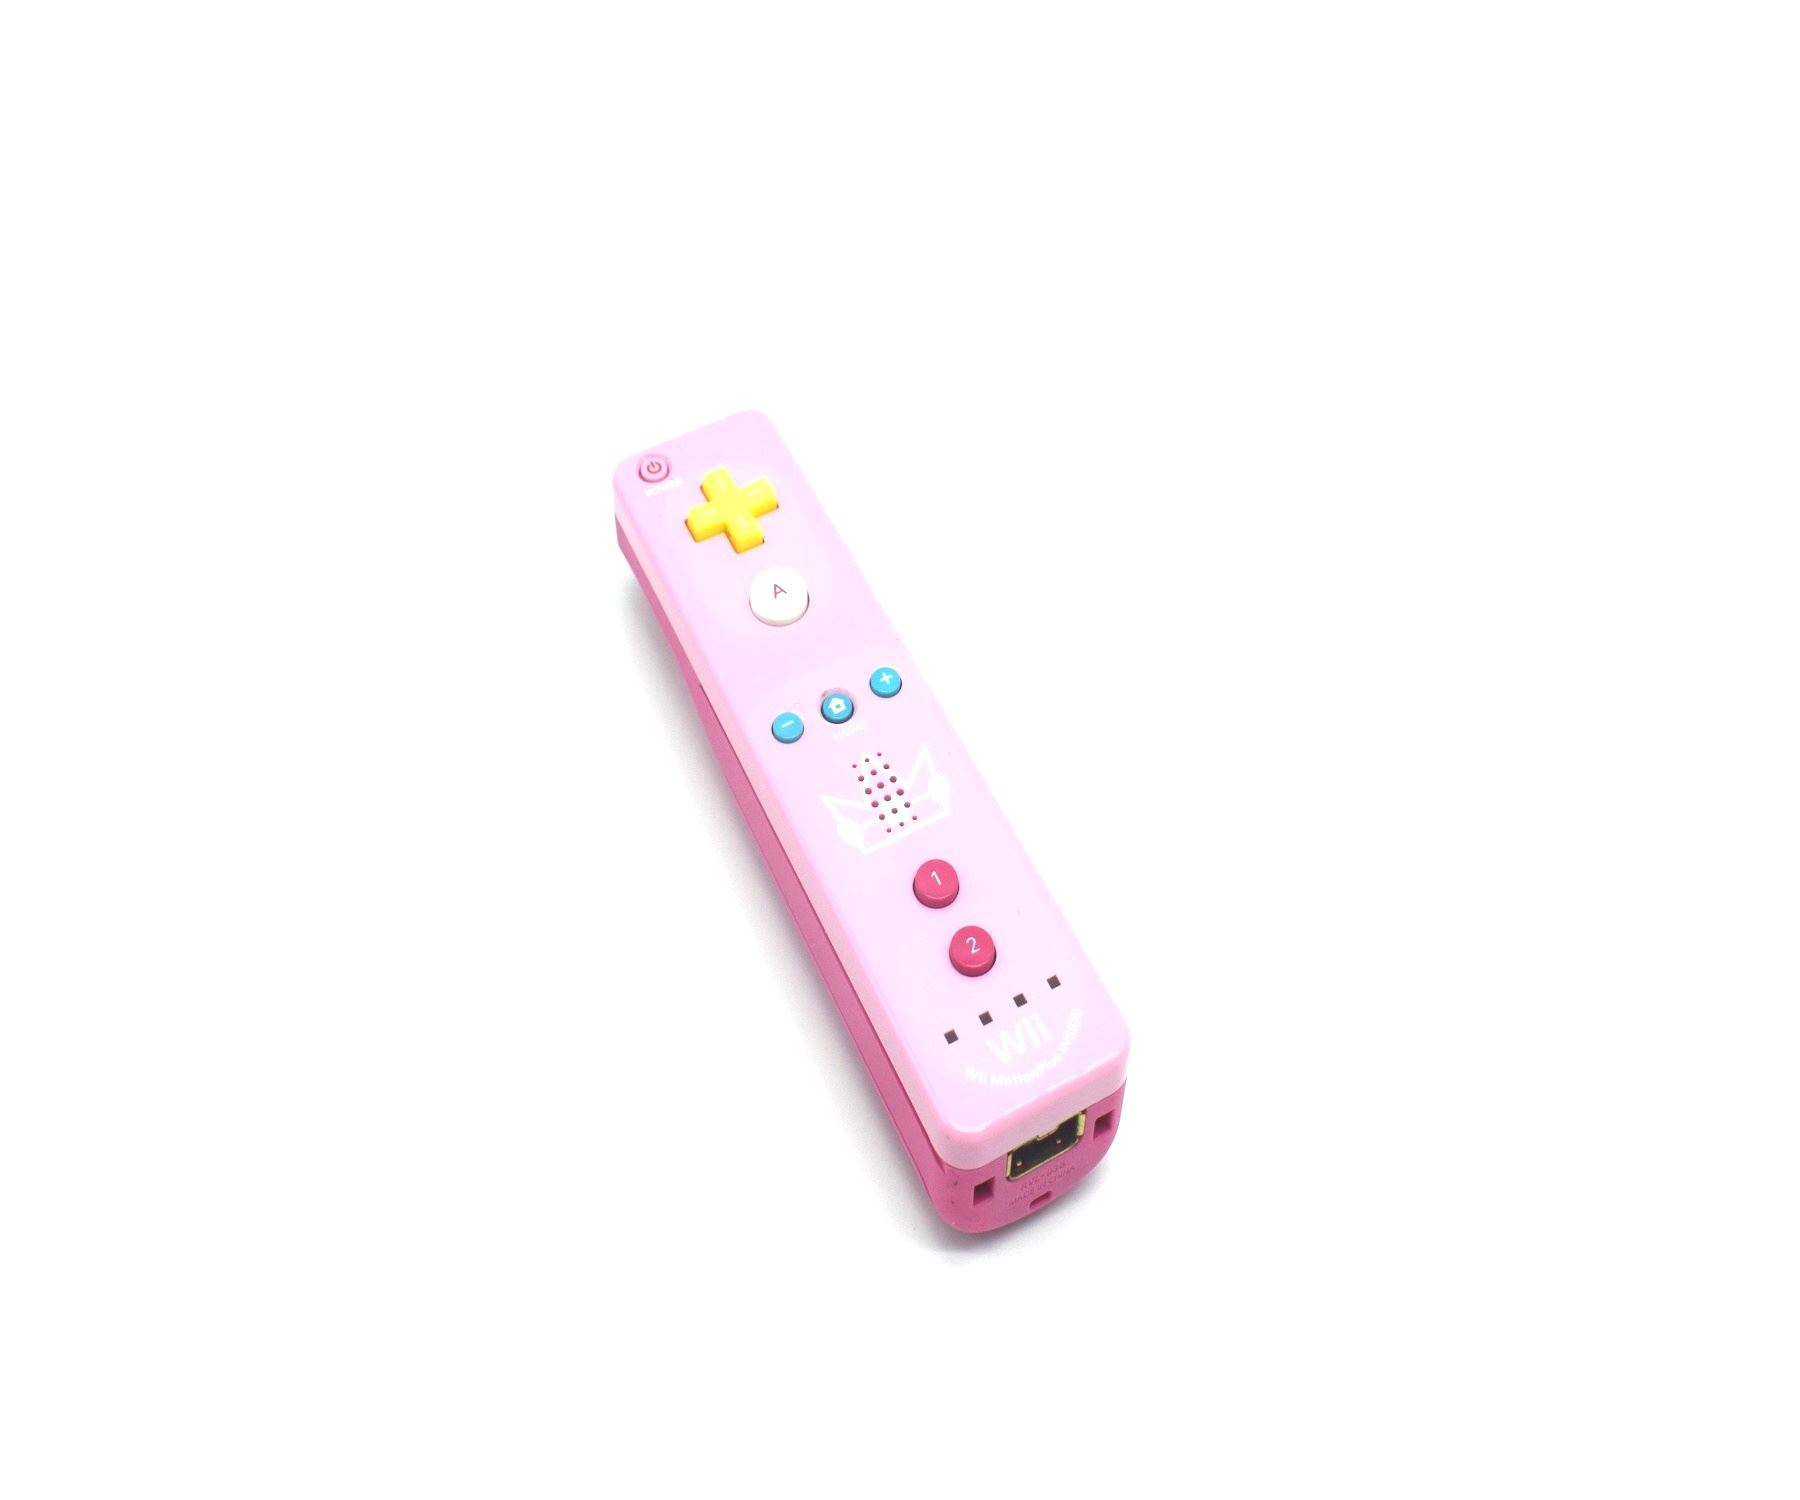 Official-Nintendo-Wii-amp-Remote-U-Plus-Genuine-Original-Controller miniatuur 15